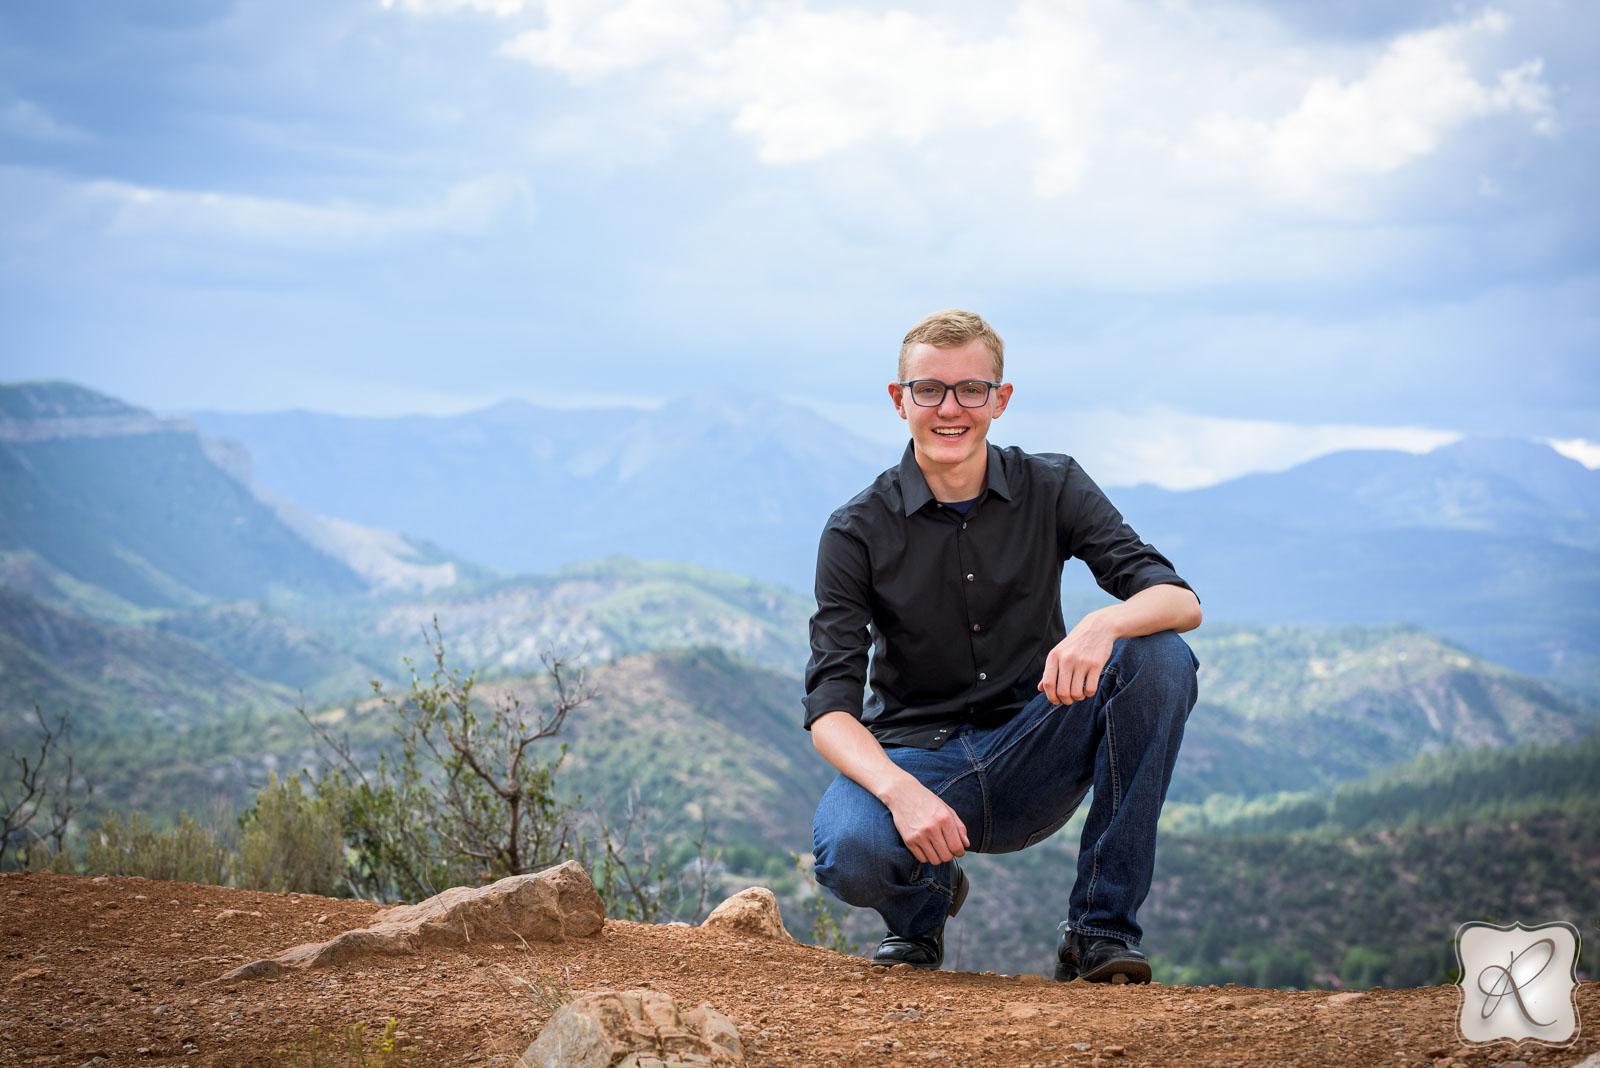 Senior Portraits Durango